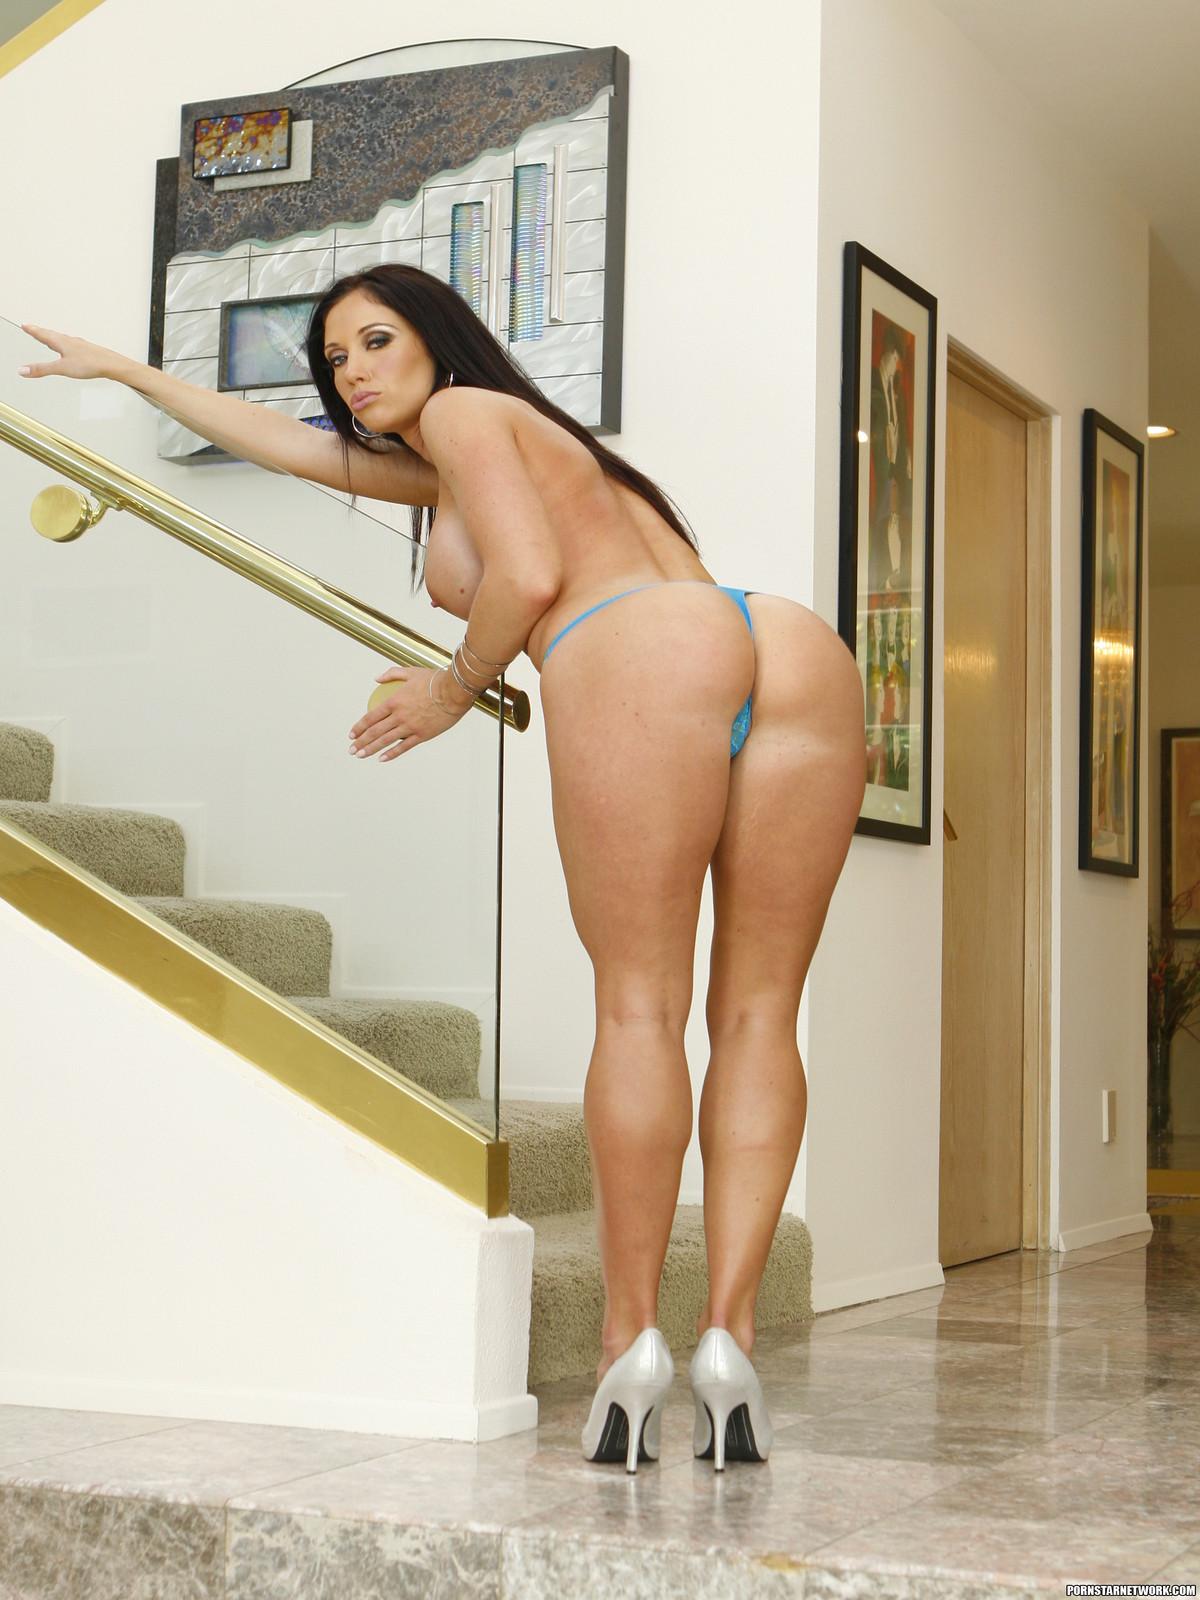 Kimberly kole porn pics